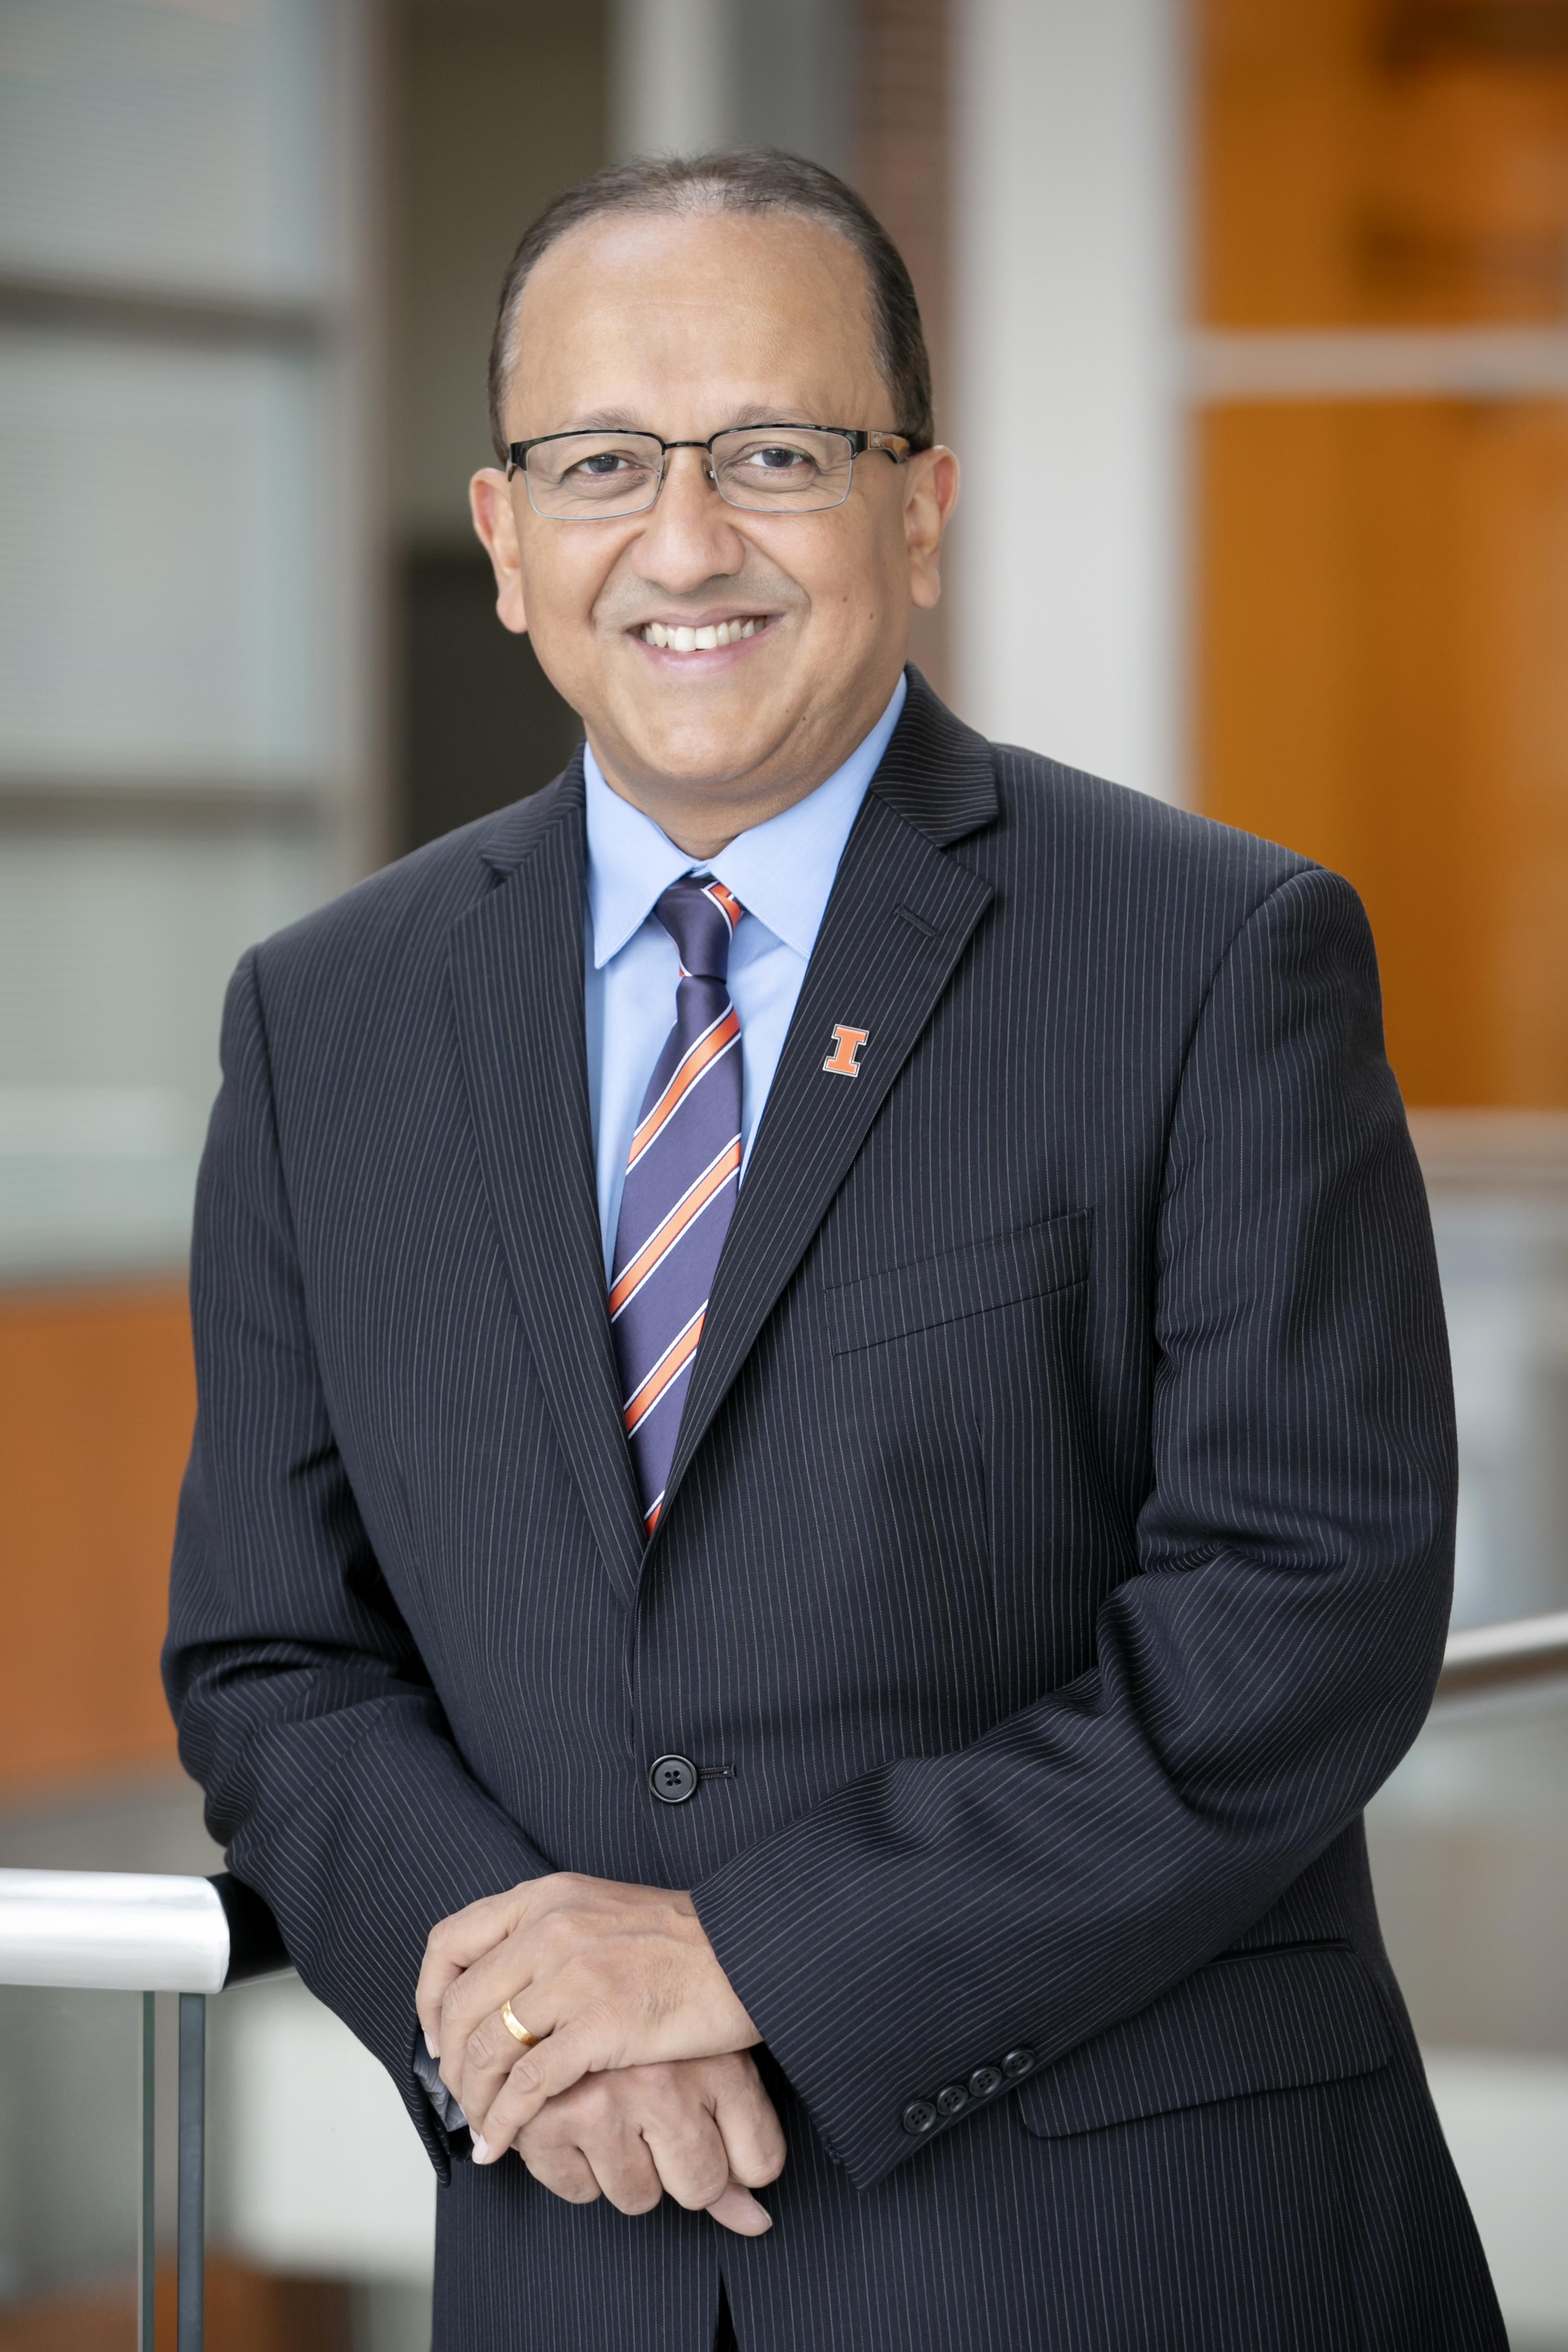 Dean Rashid Bashir